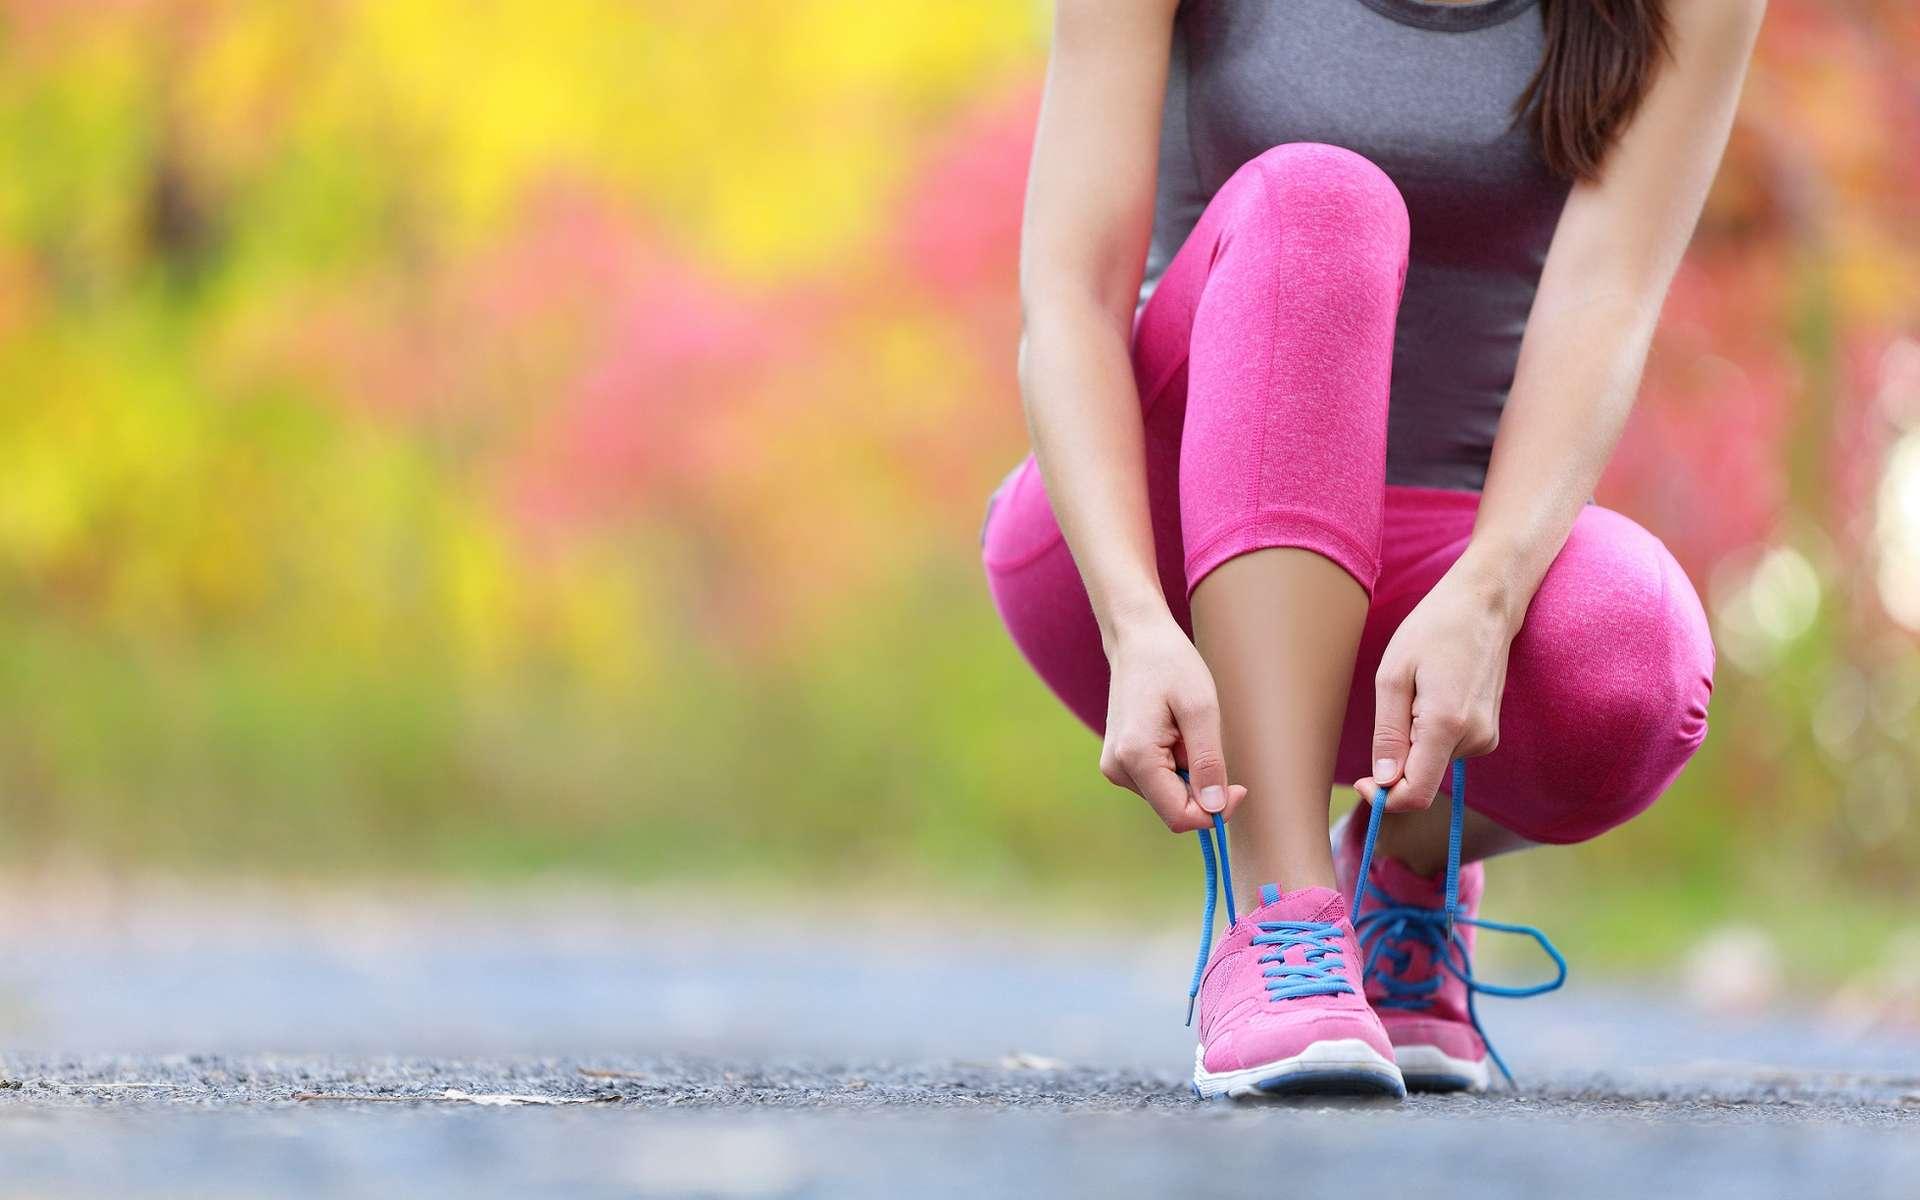 Motivé pour un jogging en 2017 ? © Maridav, Shutterstock